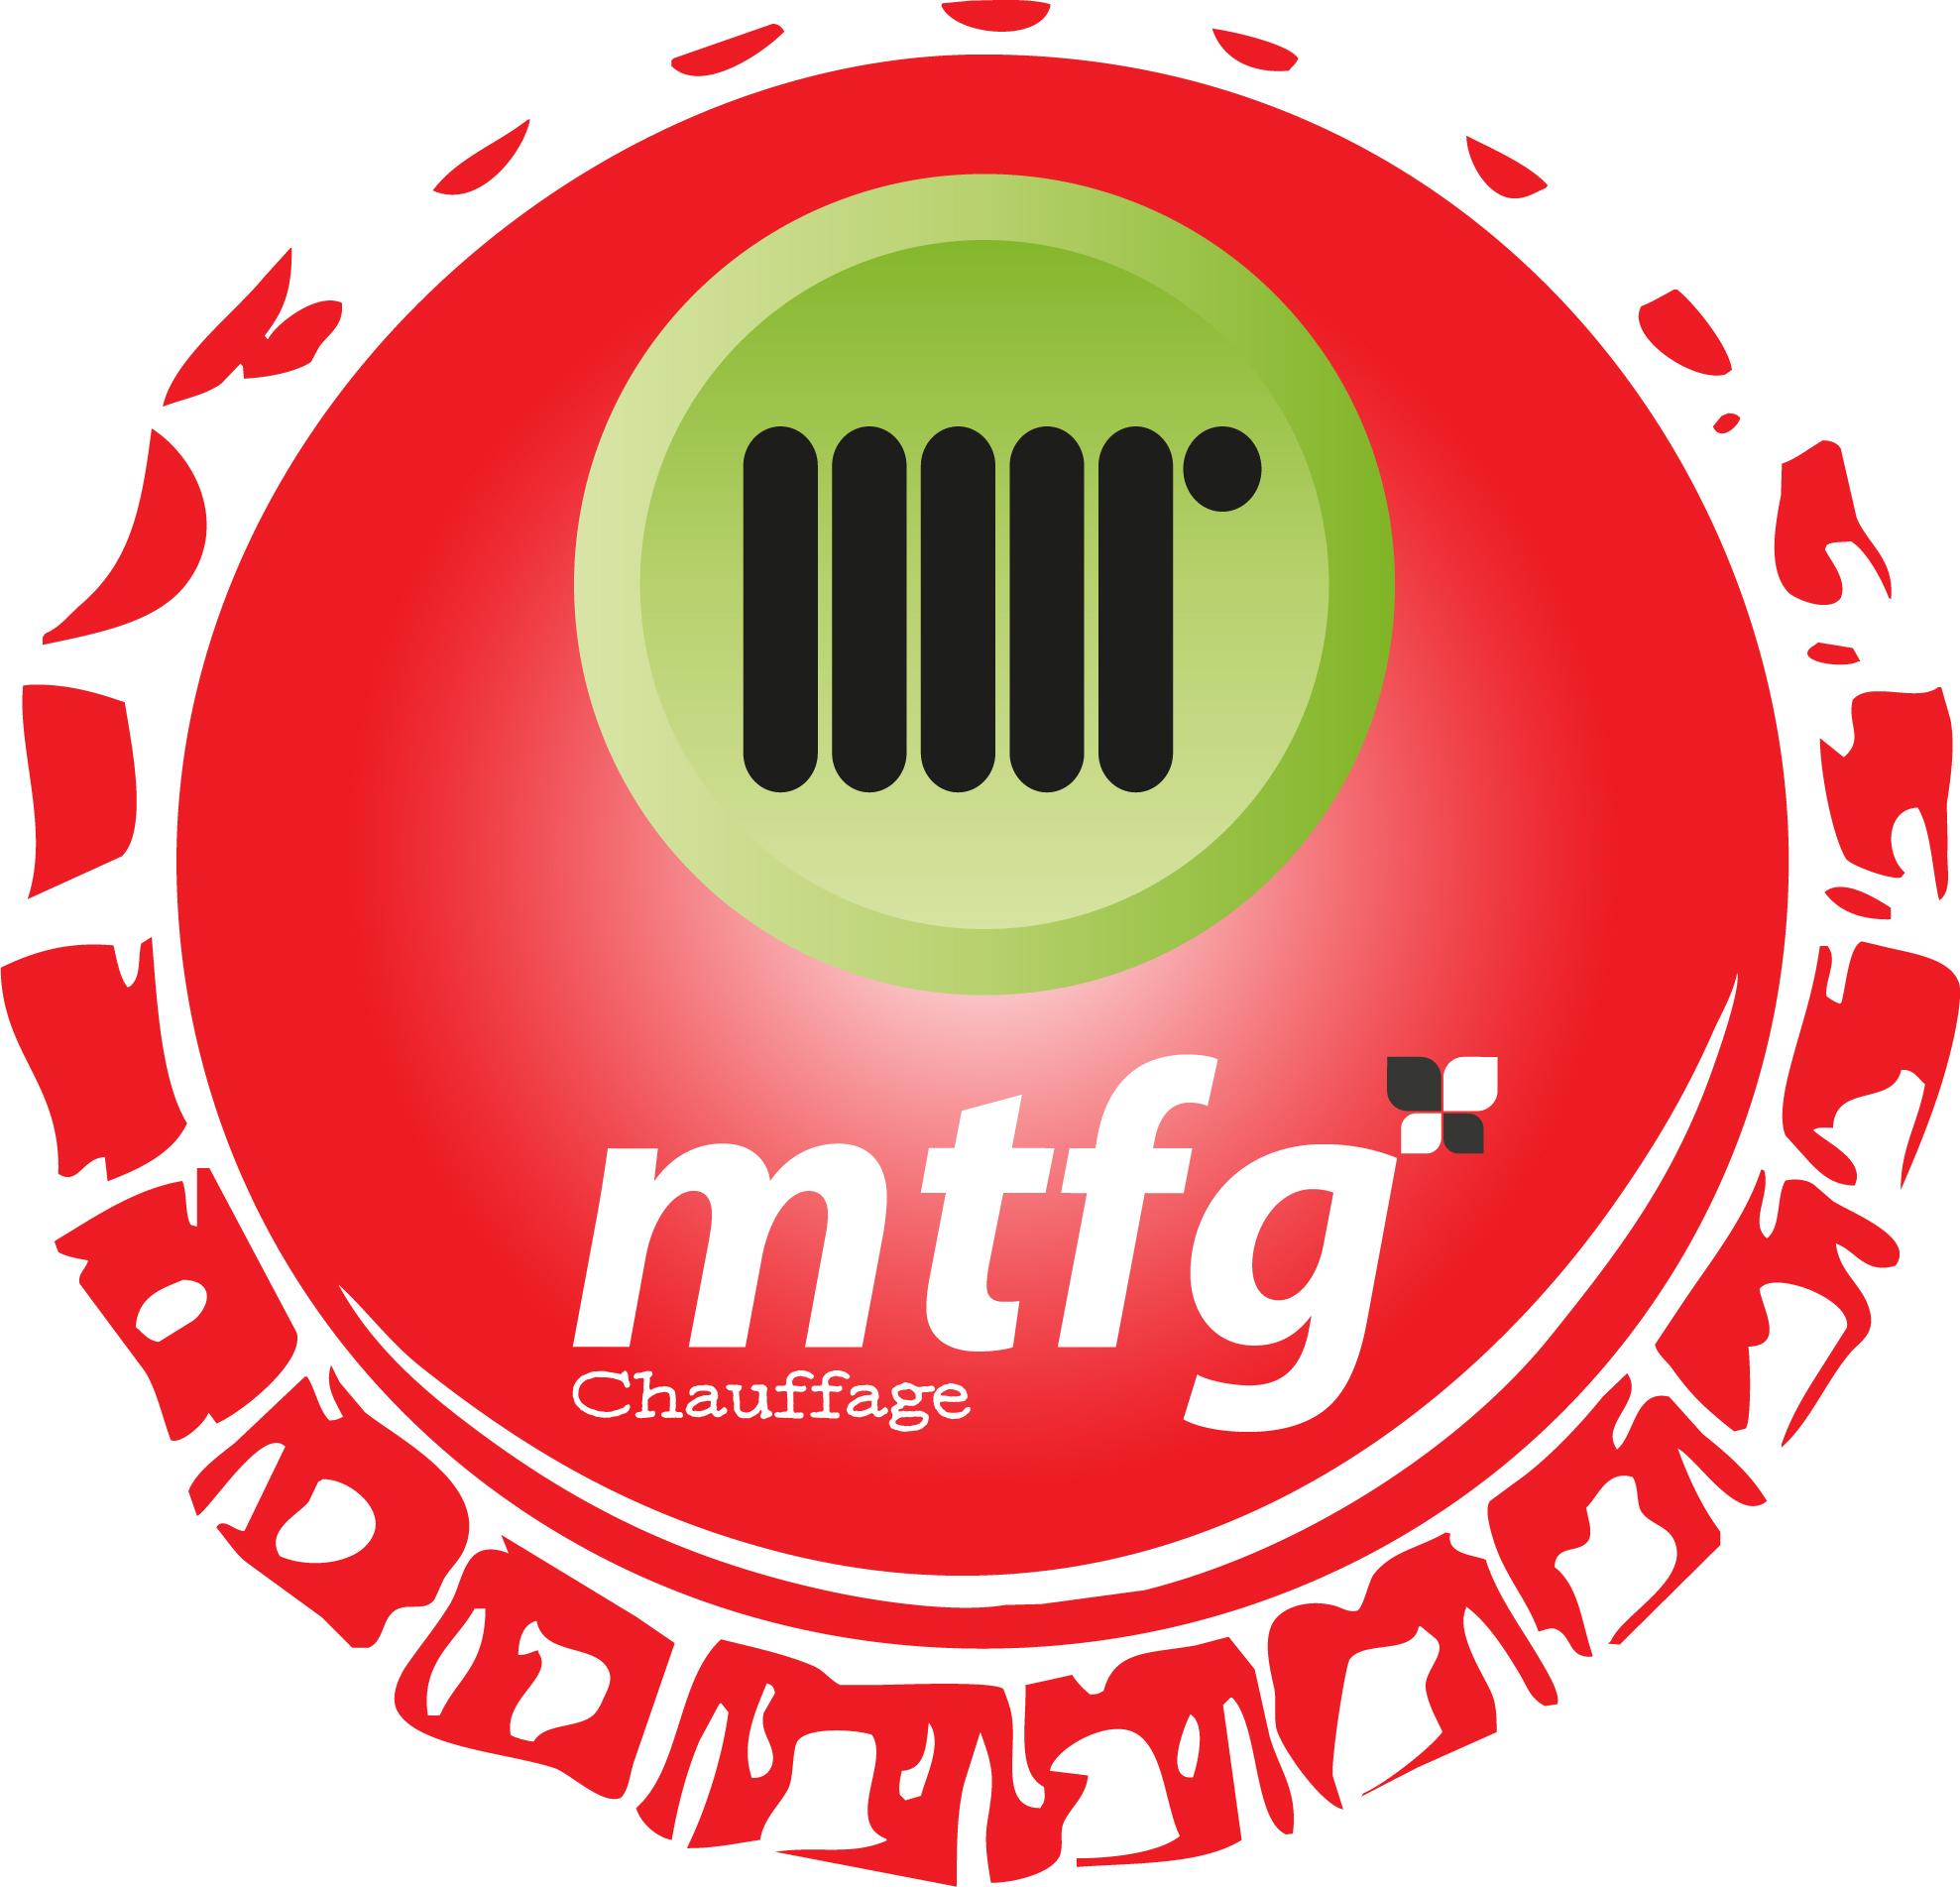 MTFG Chauffage